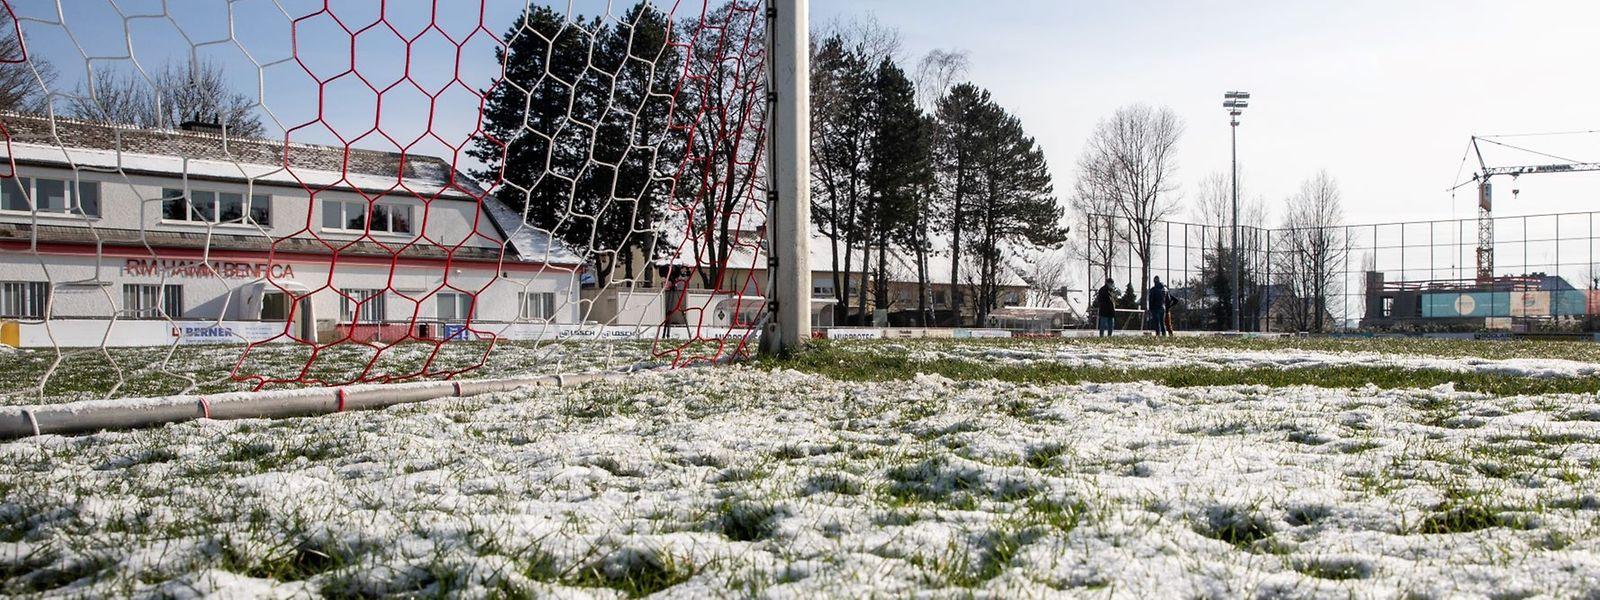 Ce cinquième report est cette fois lié aux mauvaises conditions de jeu, après la neige et les températures négatives de ces derniers jours.